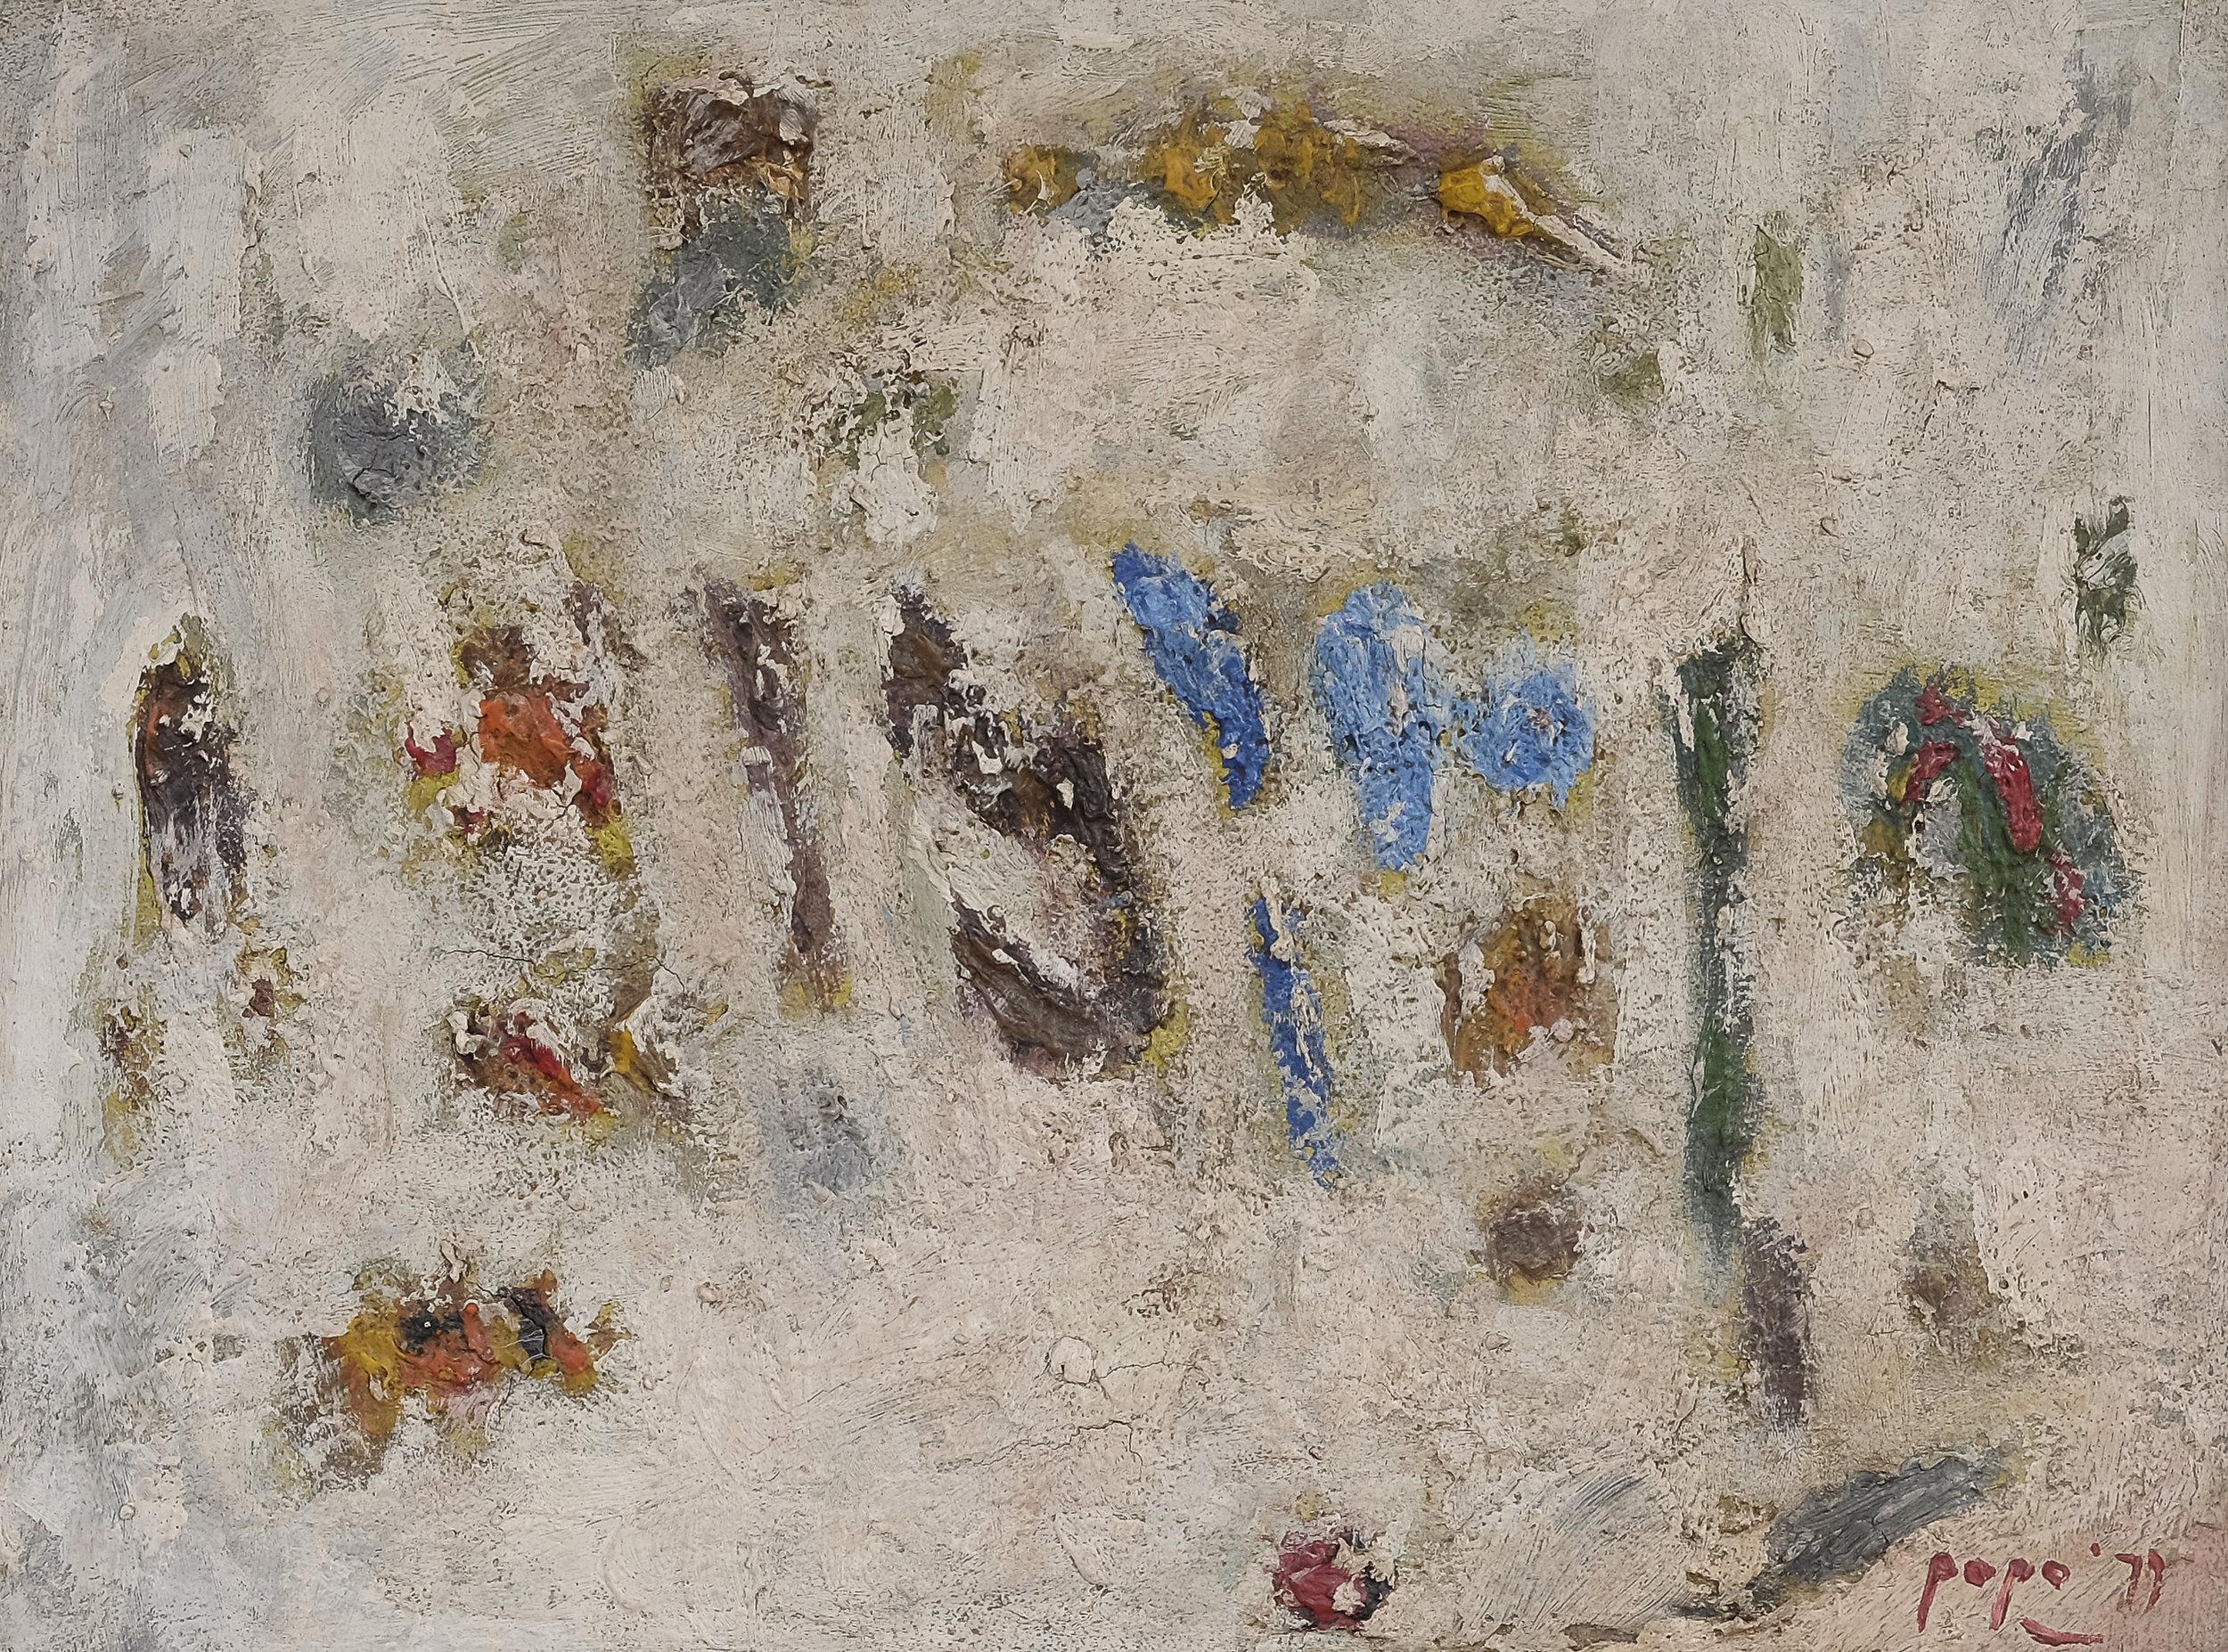 Popo Iskandar, Abstract, ooc, 30 x 40 cm, 1979.jpeg